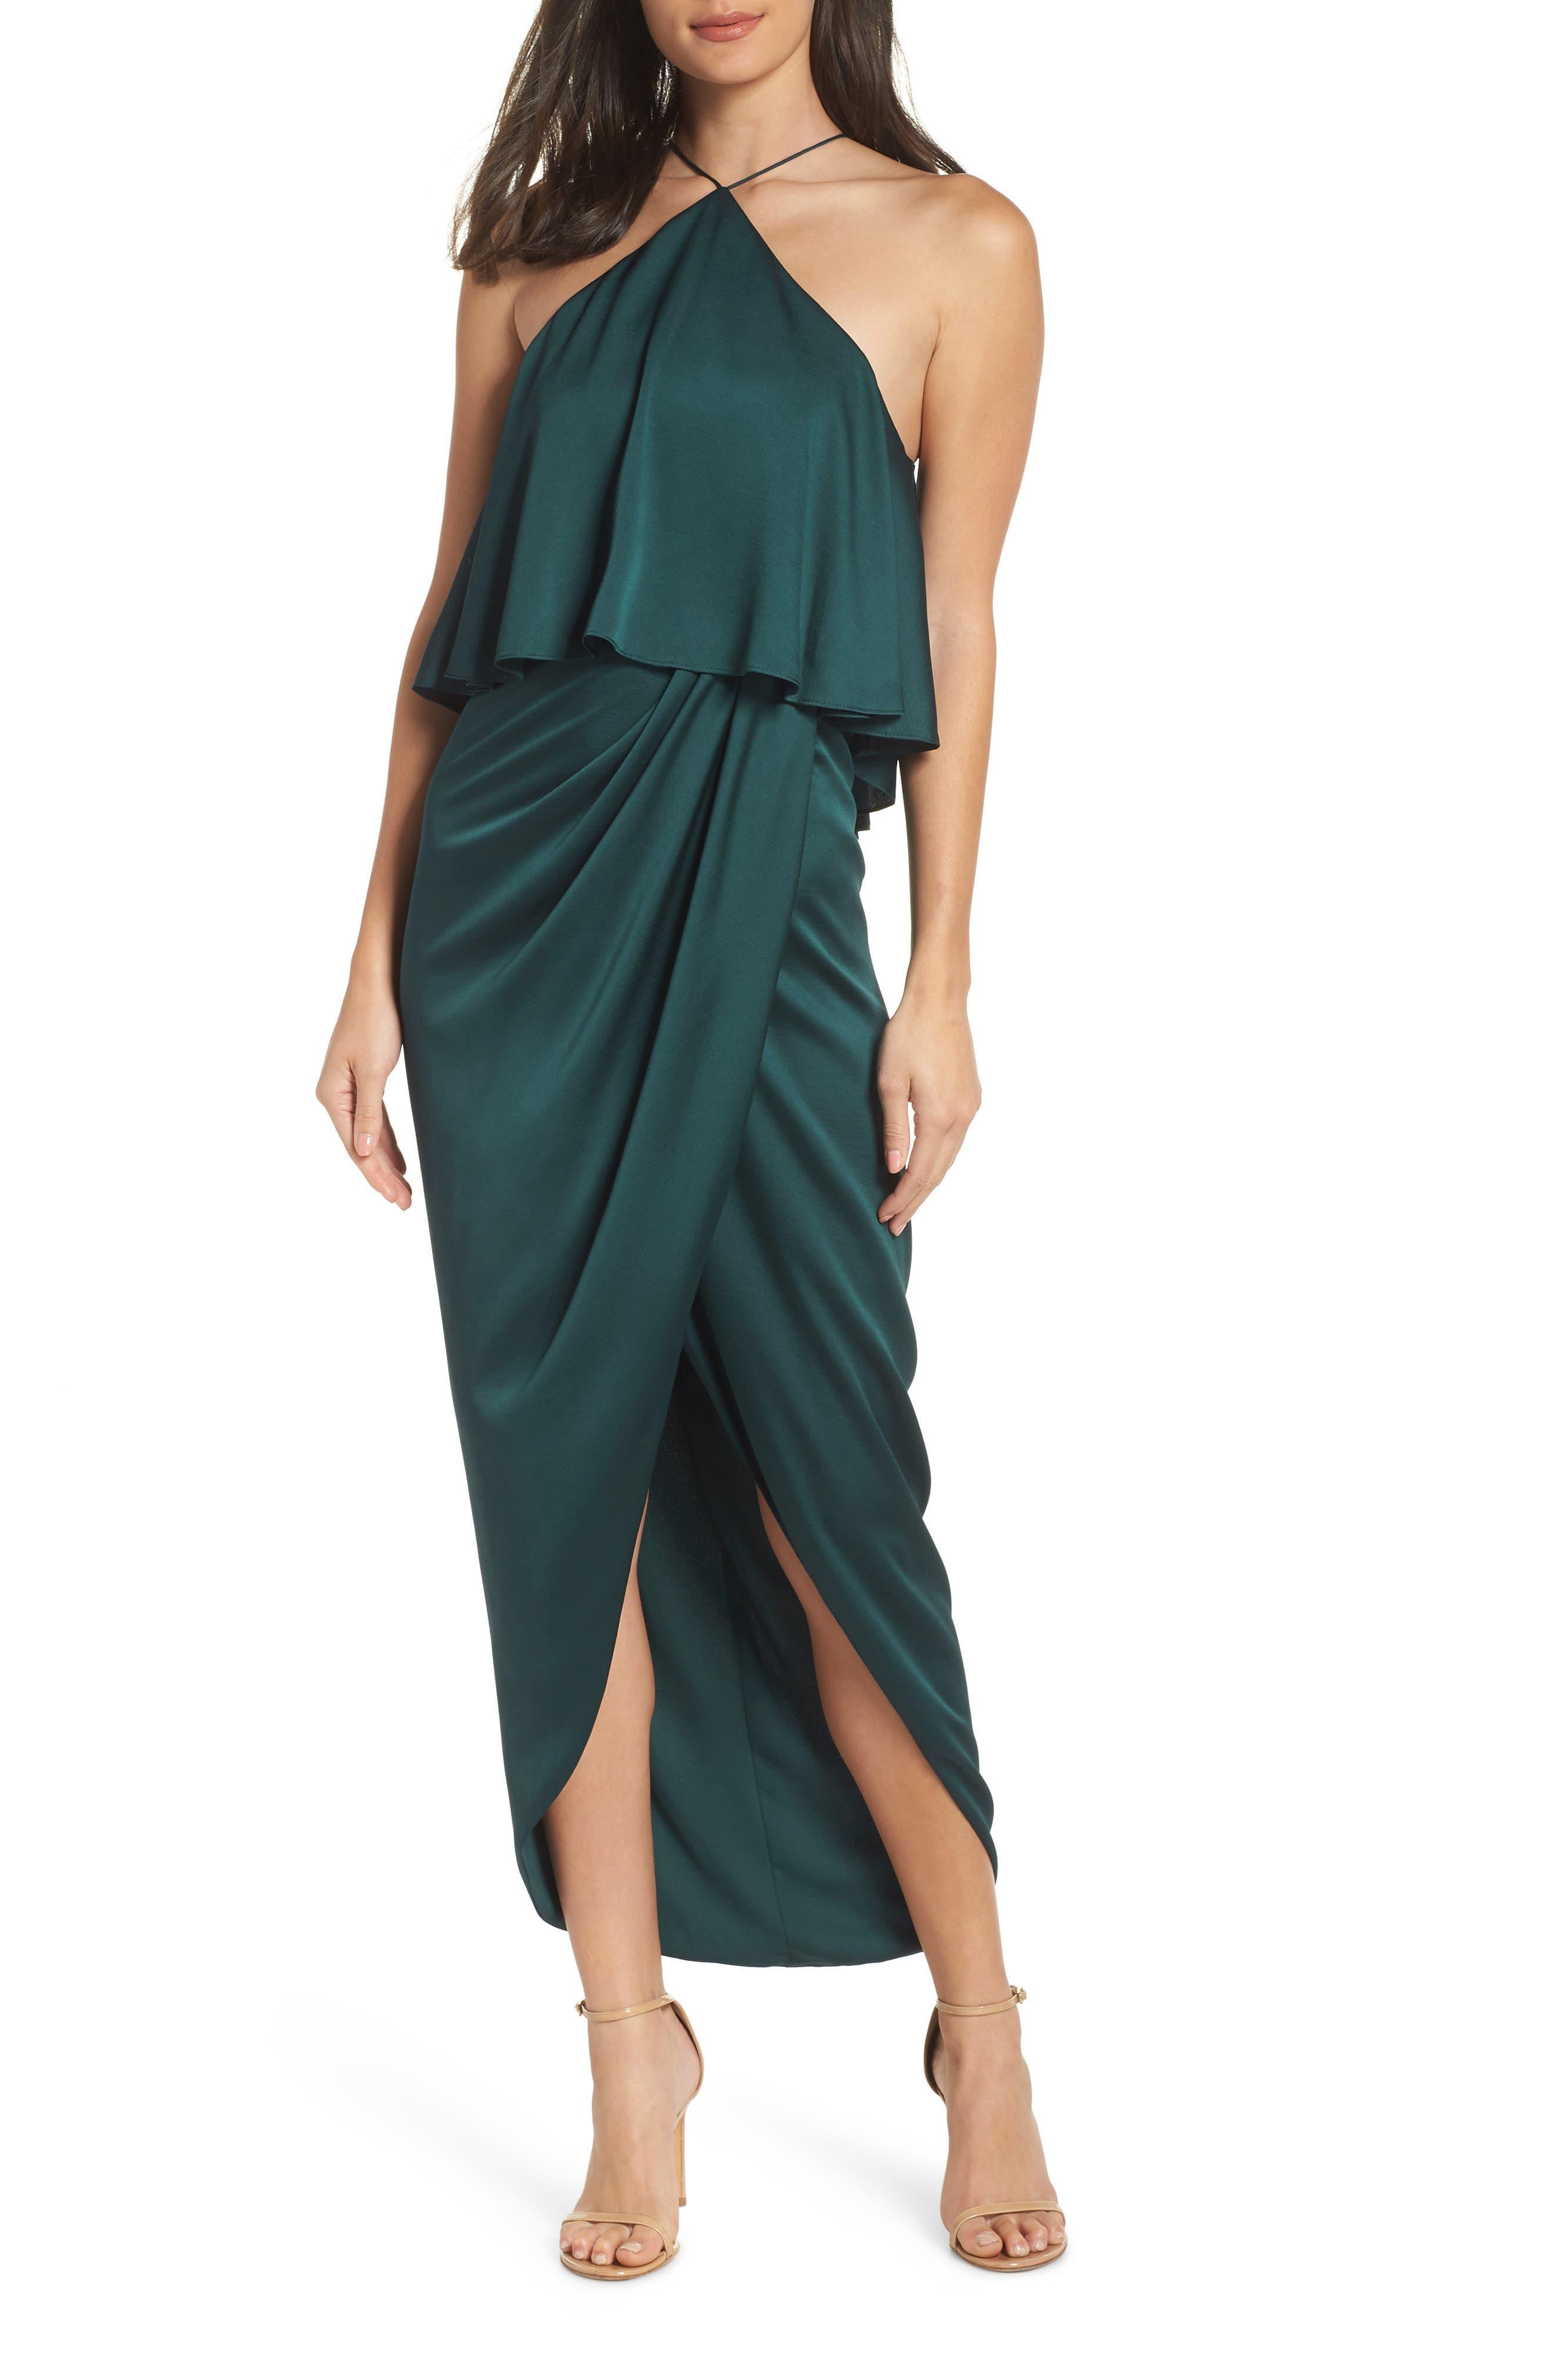 SHONA JOY Ruffle Halter Tulip Gown in Emerald